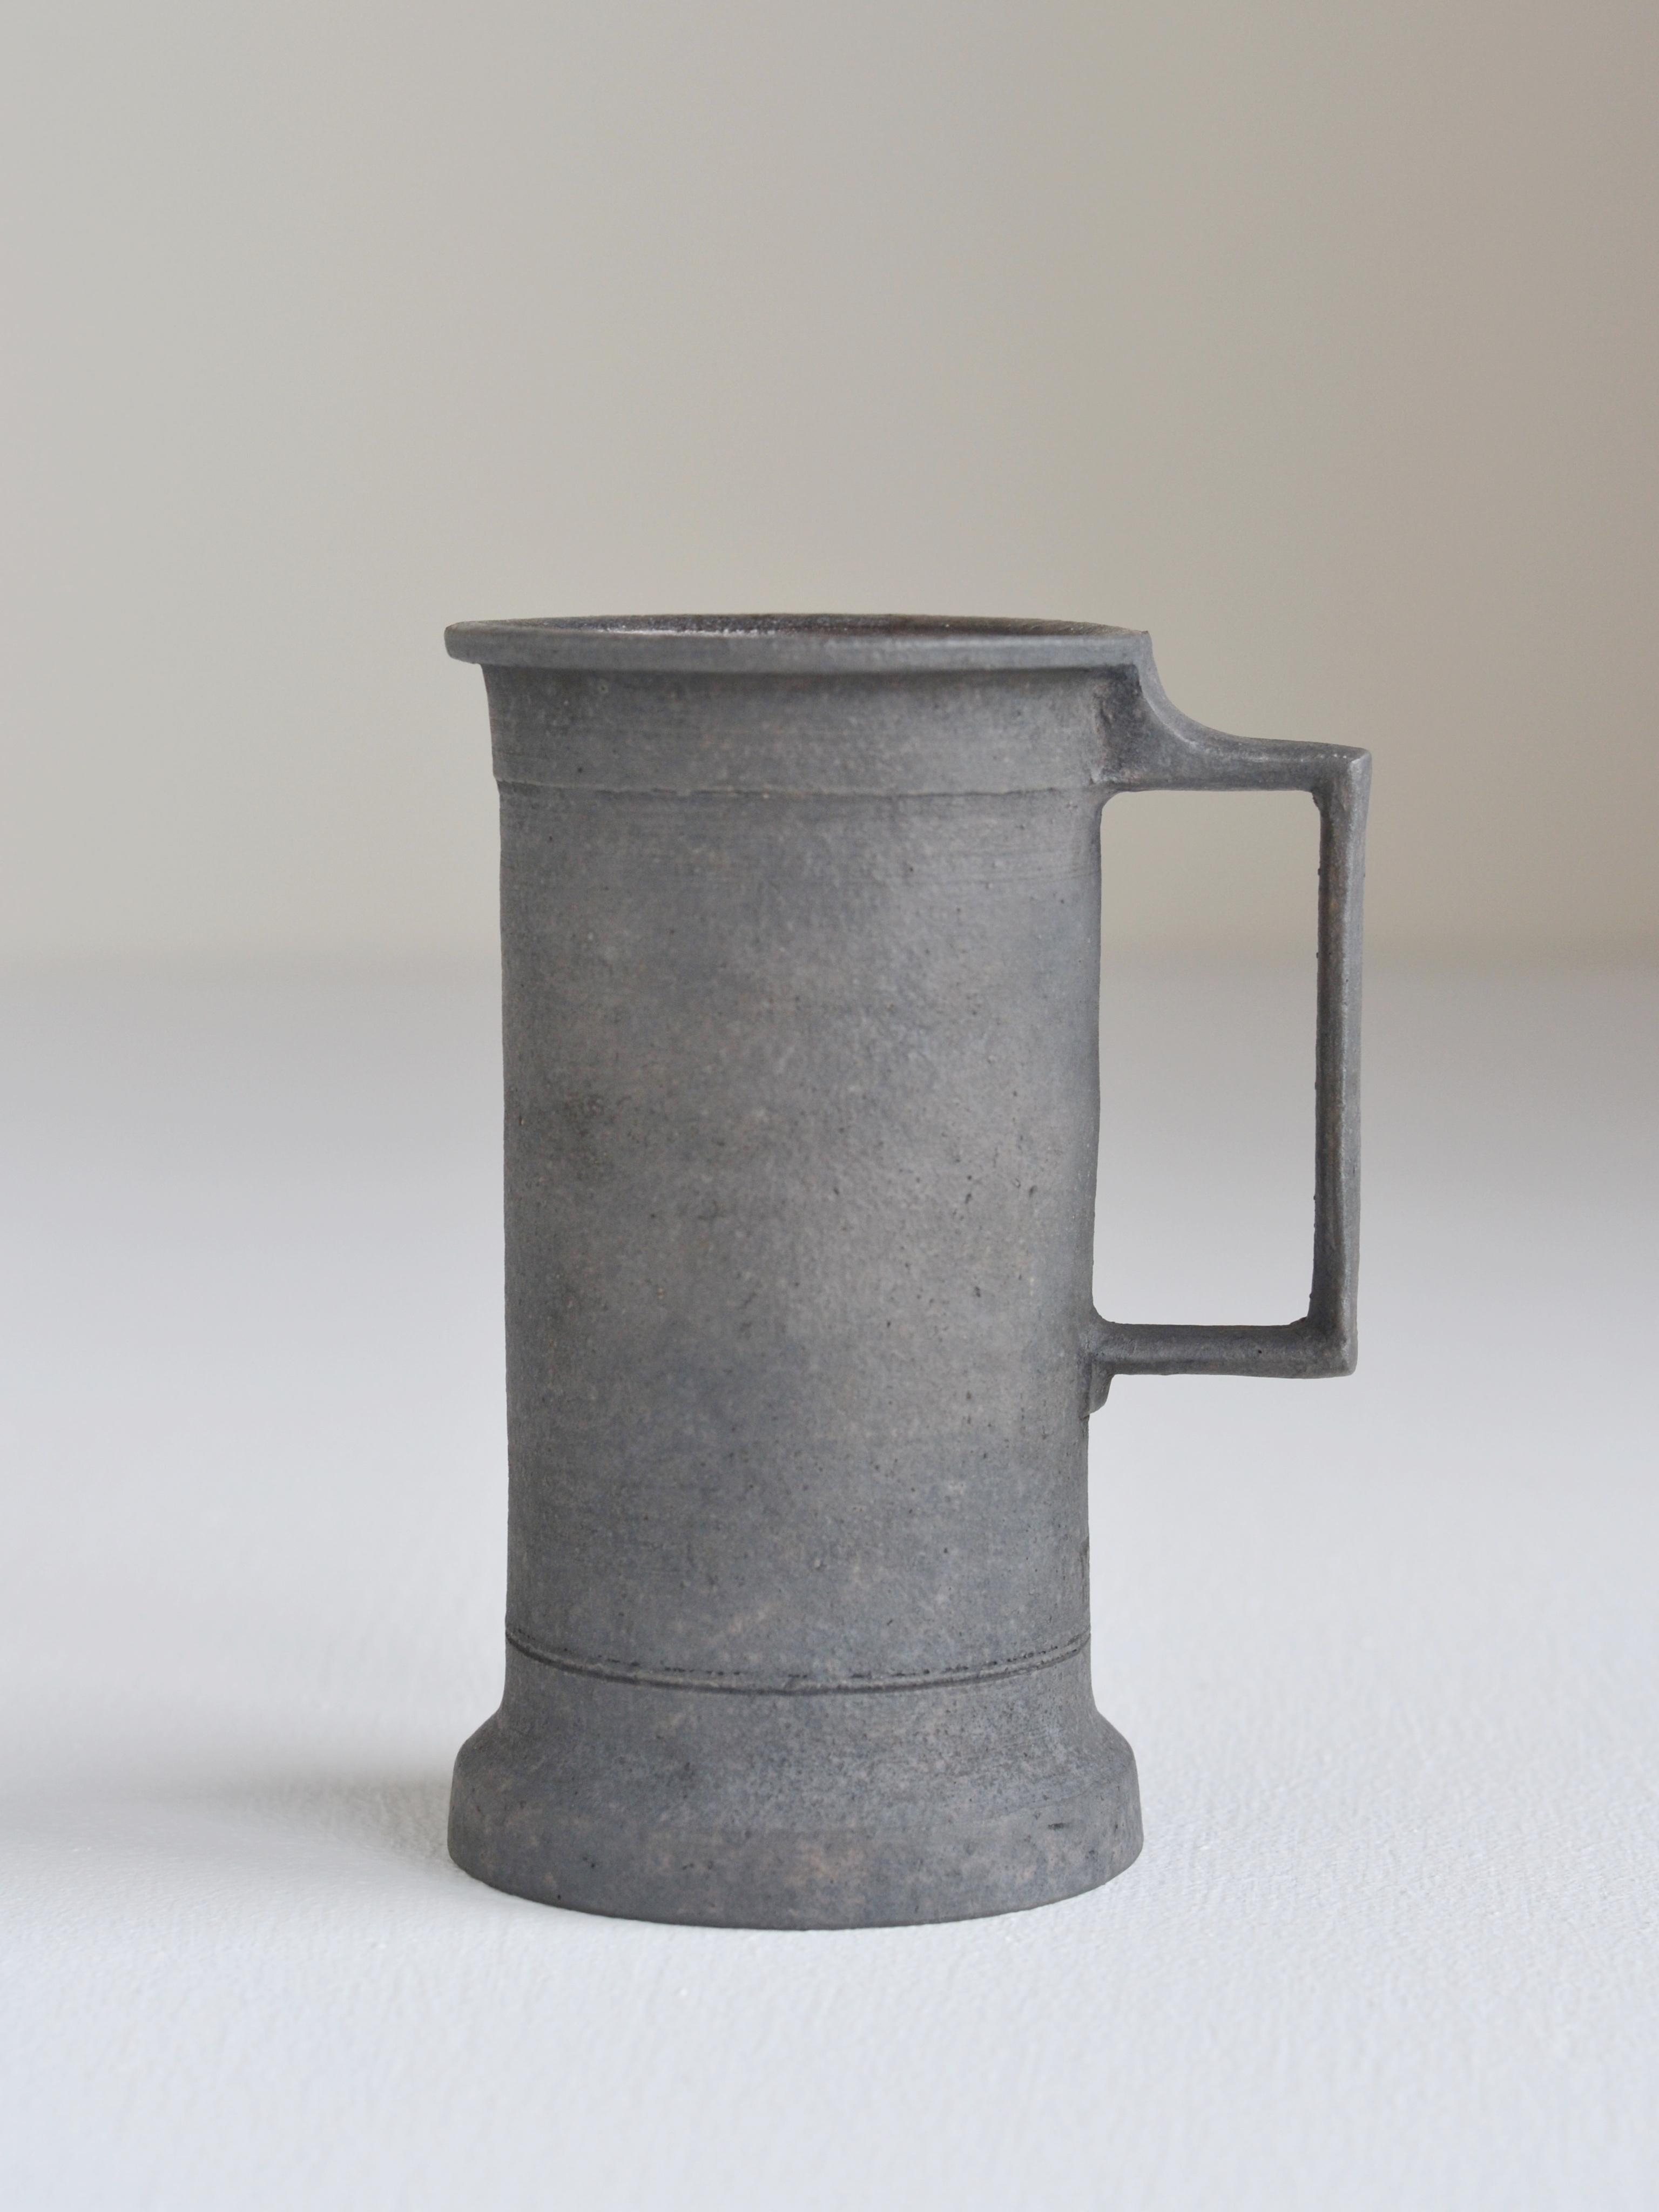 伊藤環 錆銀彩マグ kan ito-sabi-ginsai mug